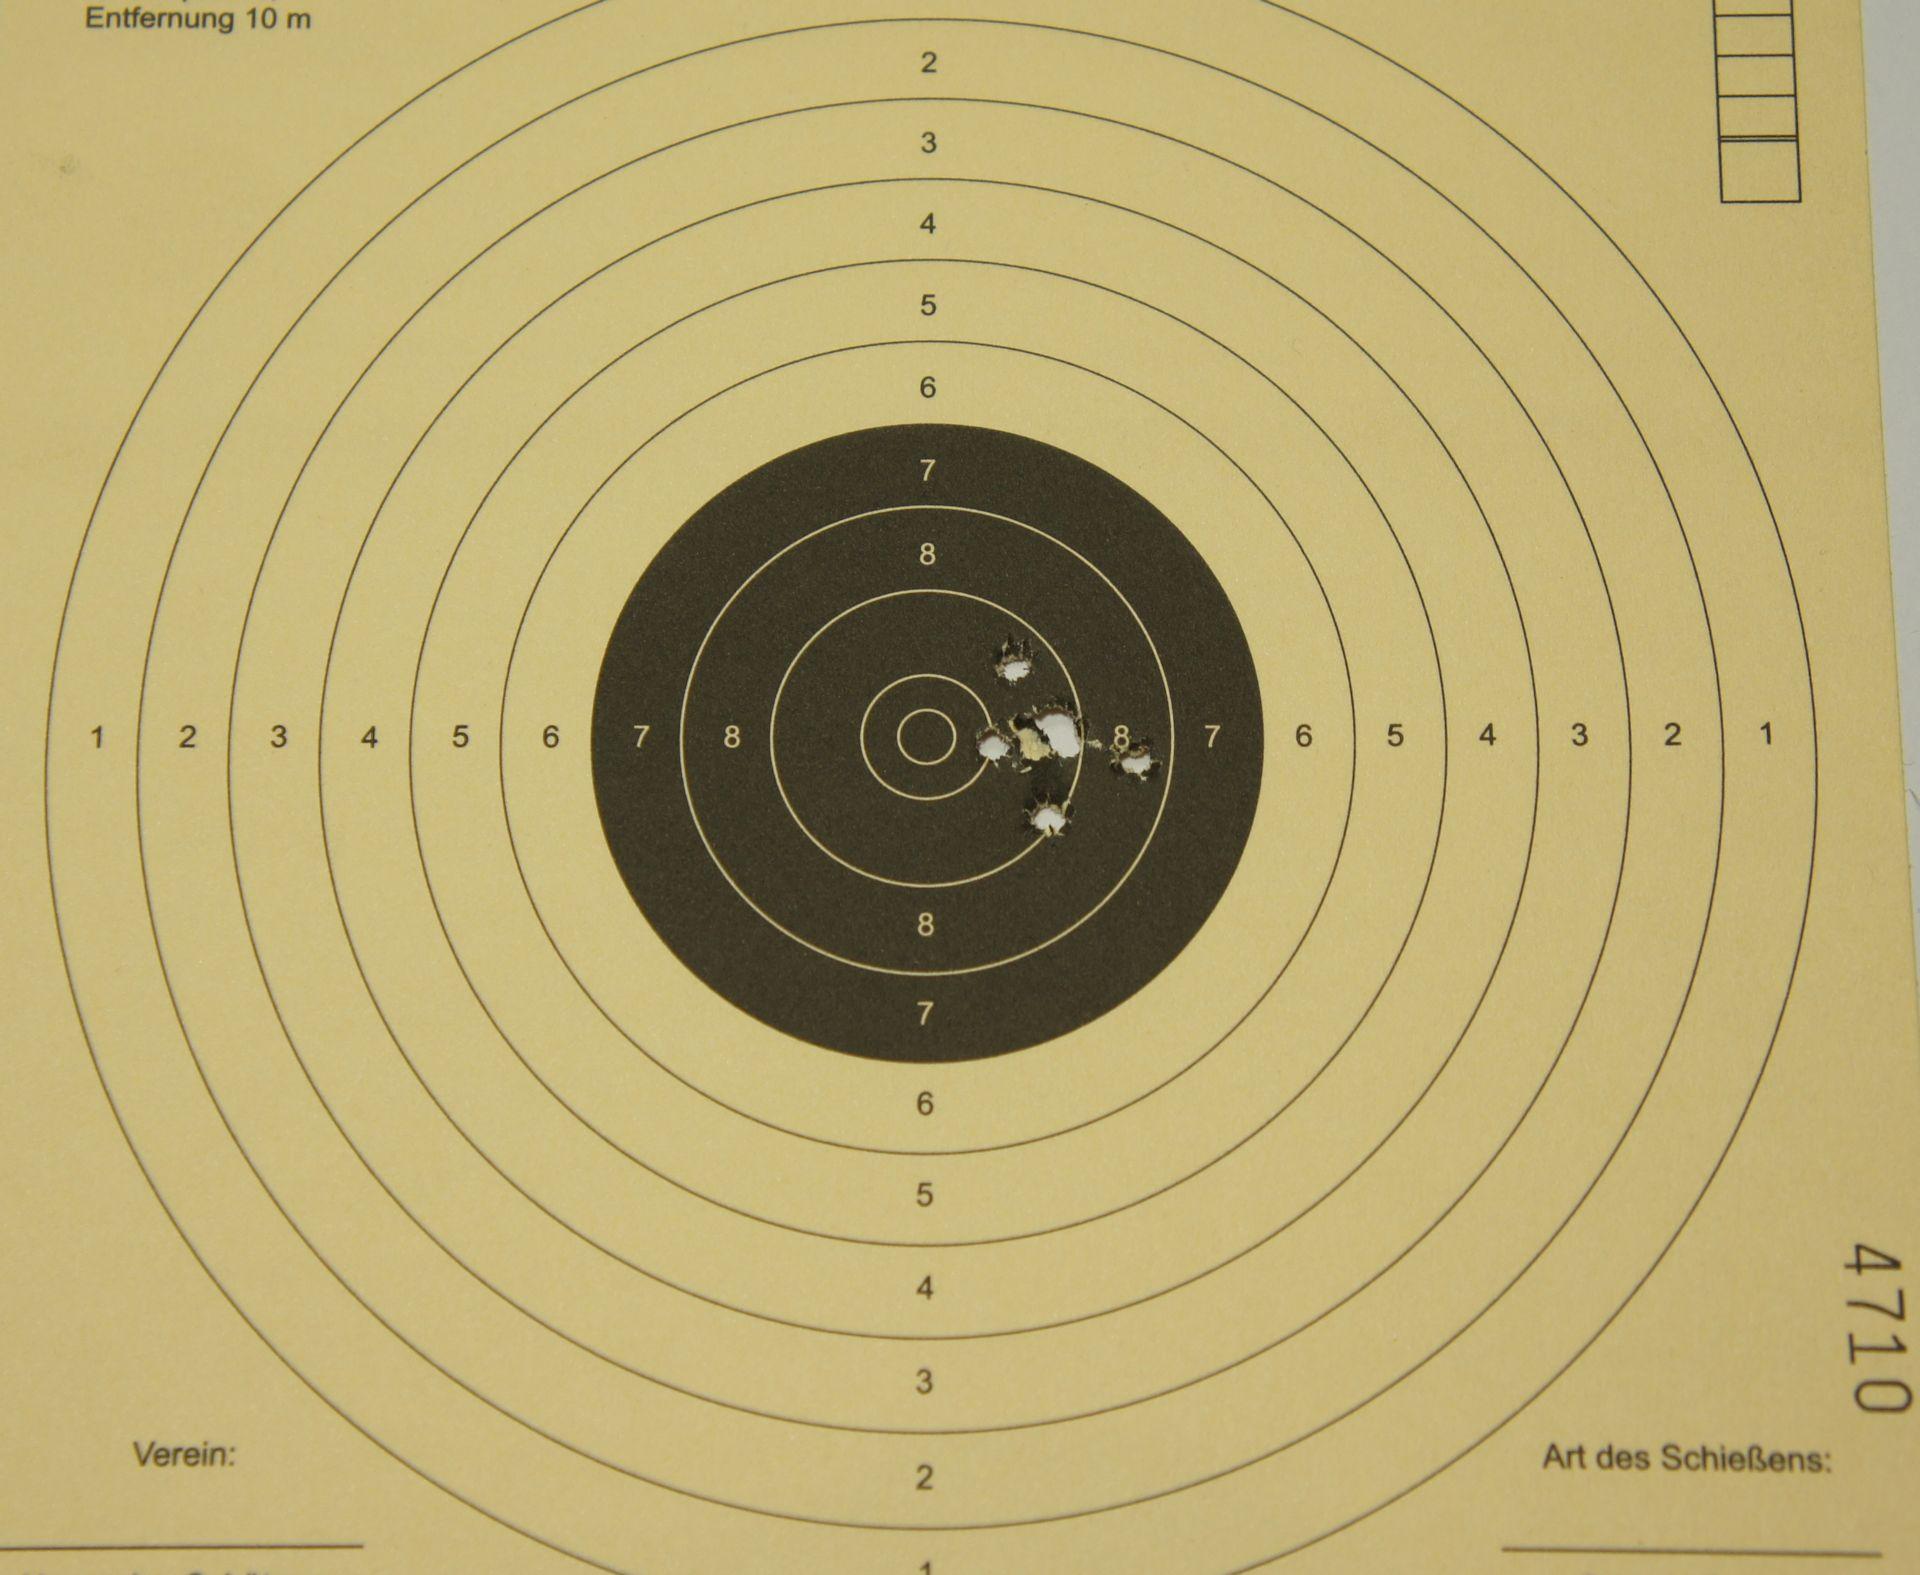 Trefferbild 6 Schuss auf 10m mit den Geschossen Field Target Trophy Match 4,50